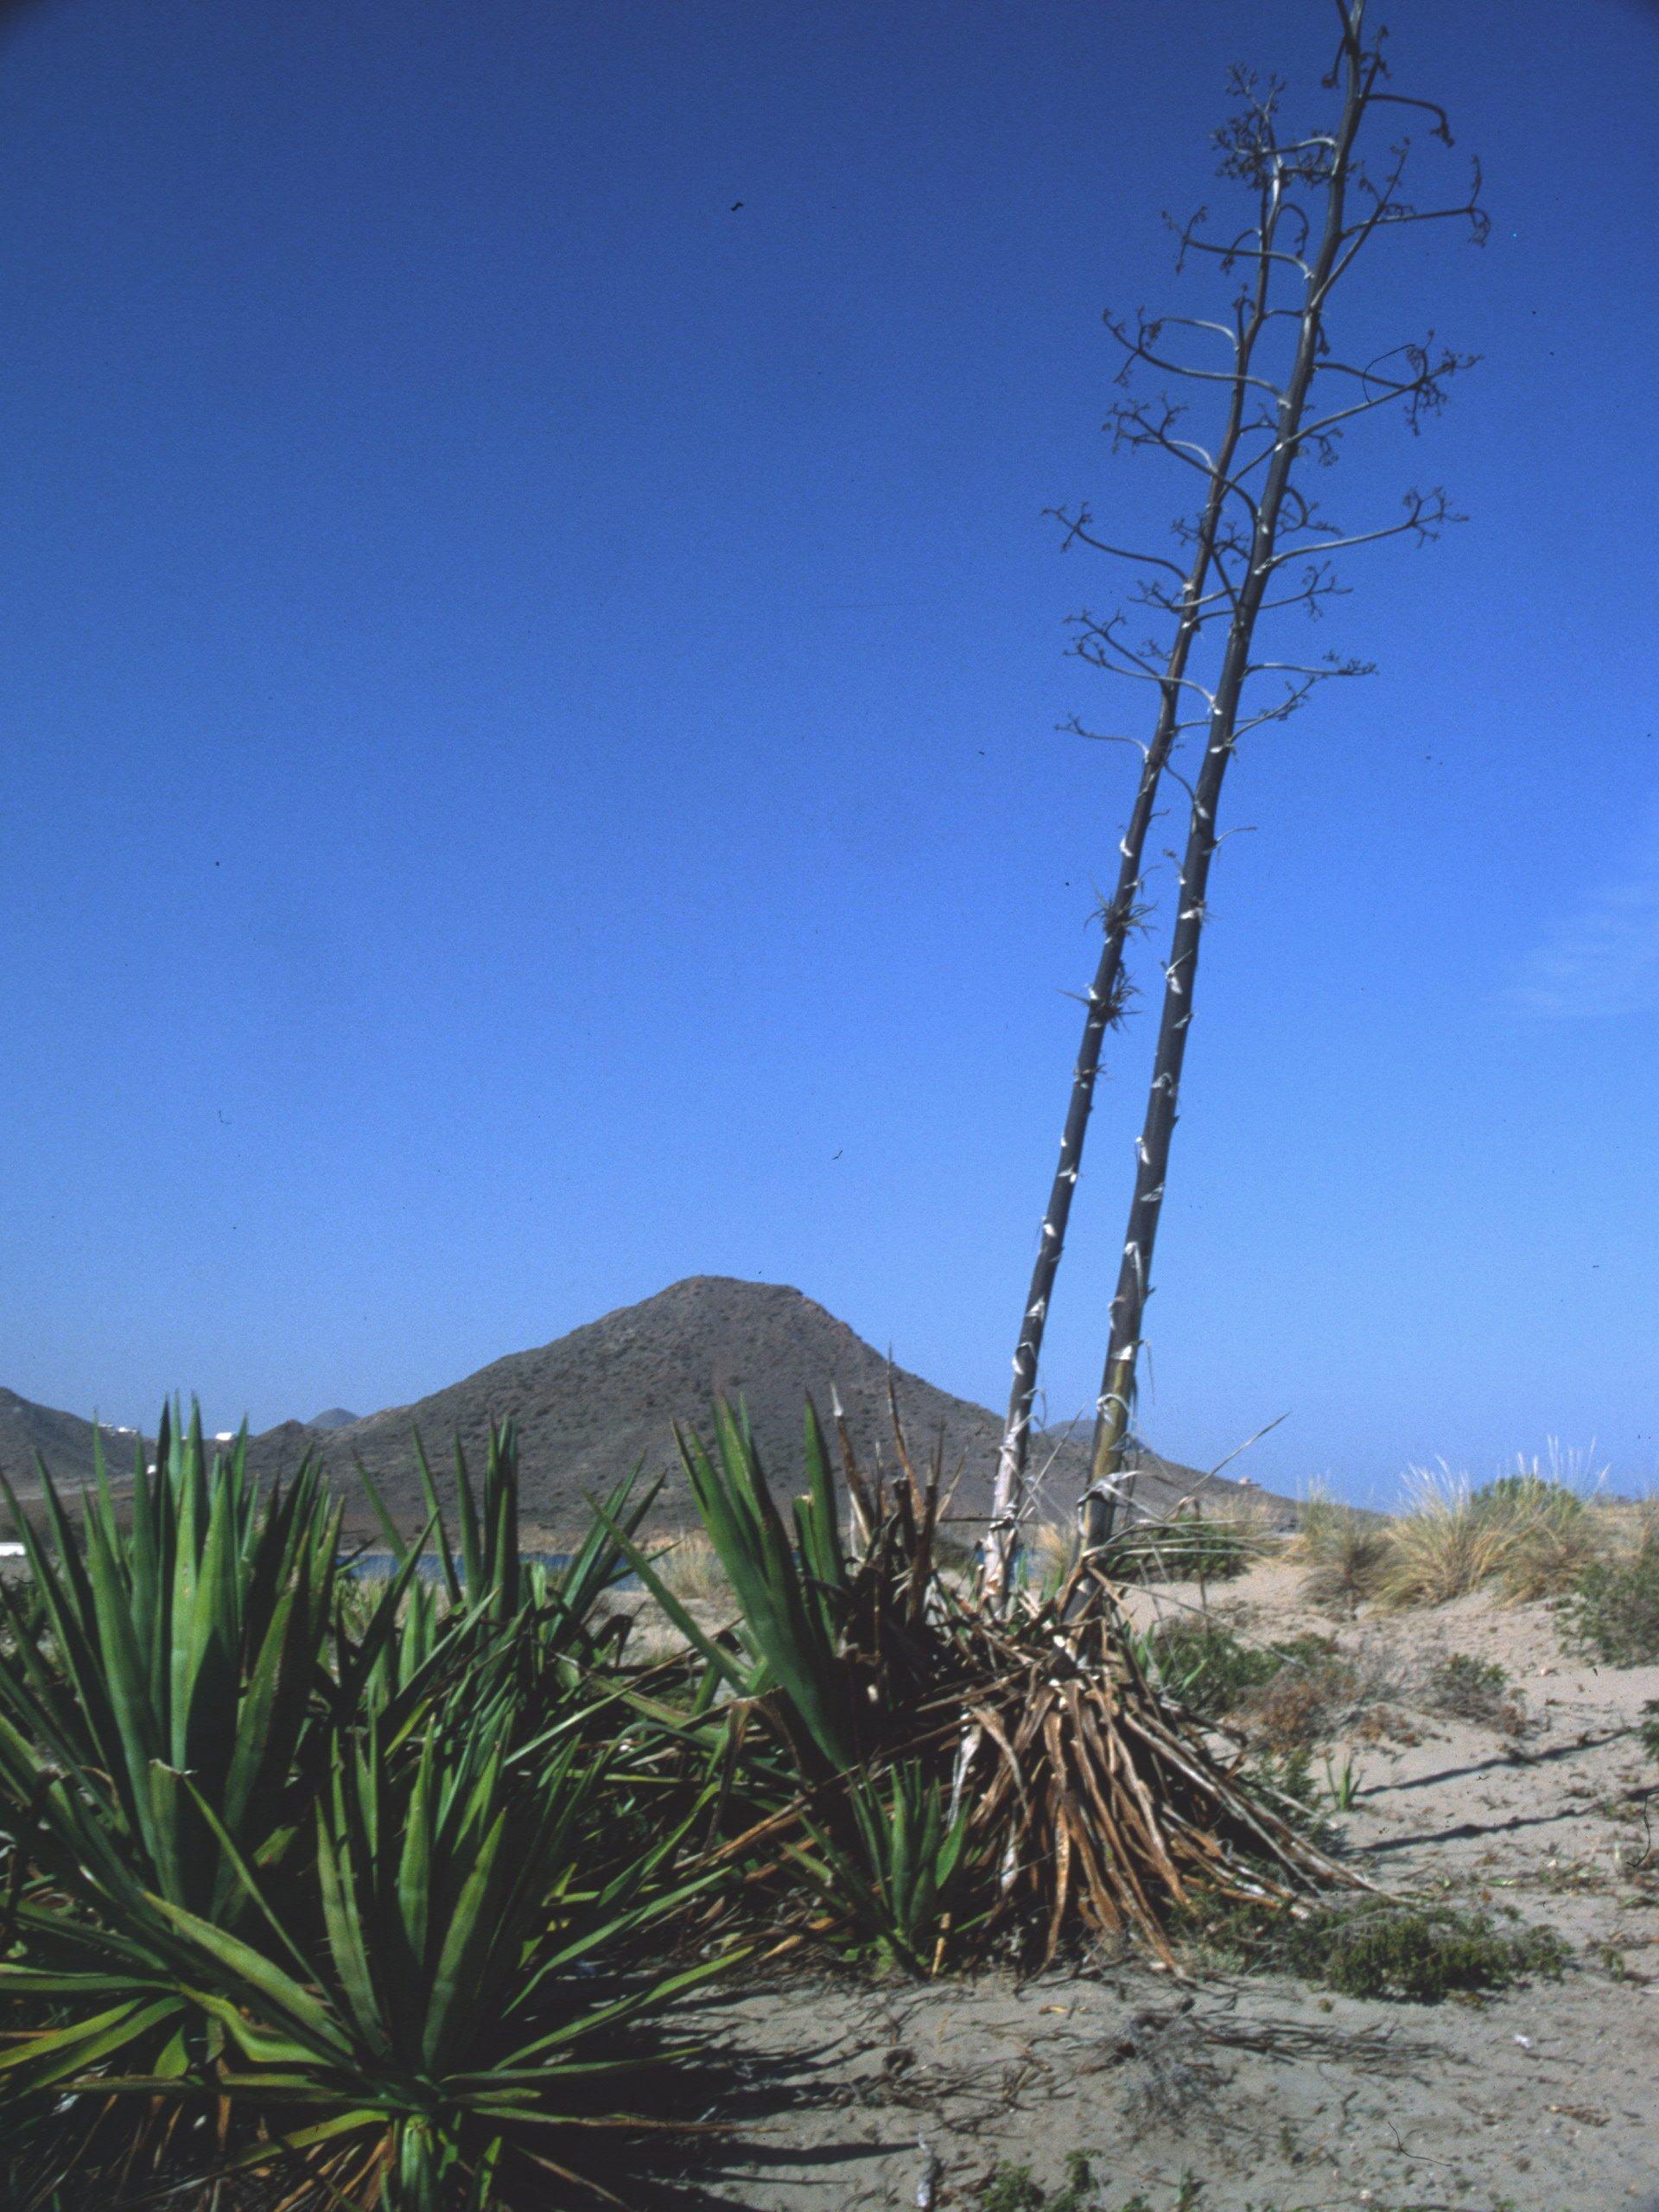 Playa Las Amoladeras